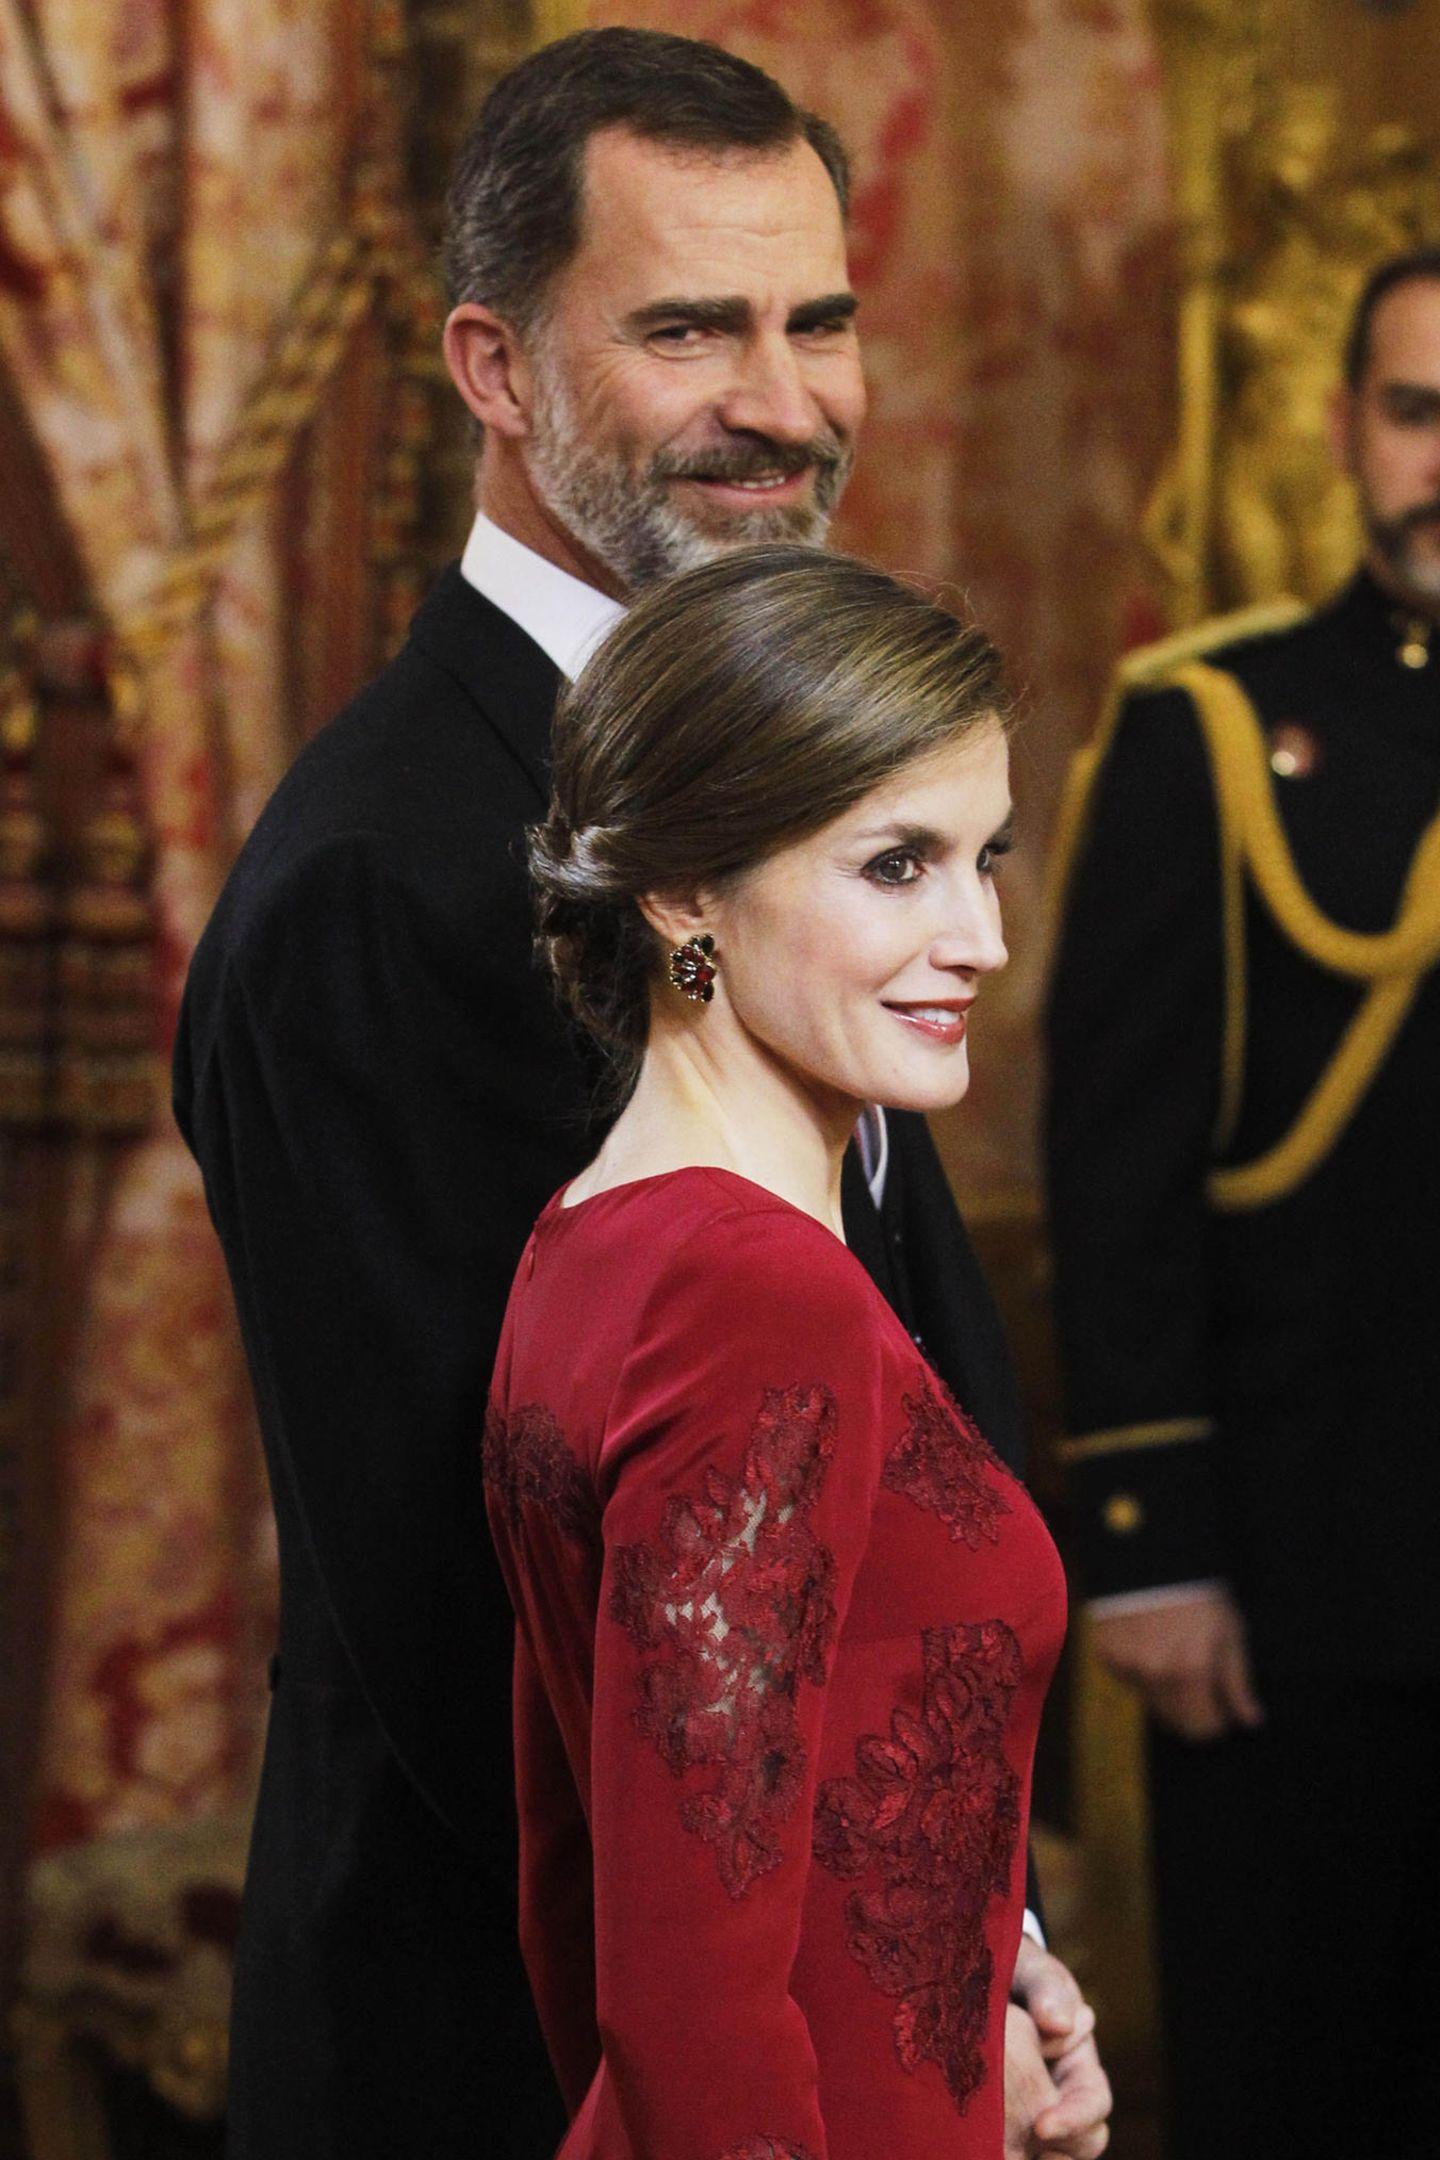 26. Januar 2017  Königin Letizia und König Felipe beim Neujahrsempfang des diplomatischen Corps in Madrid. Das Paar feiert am 30. Januar den 49. Geburtstag des Königs.